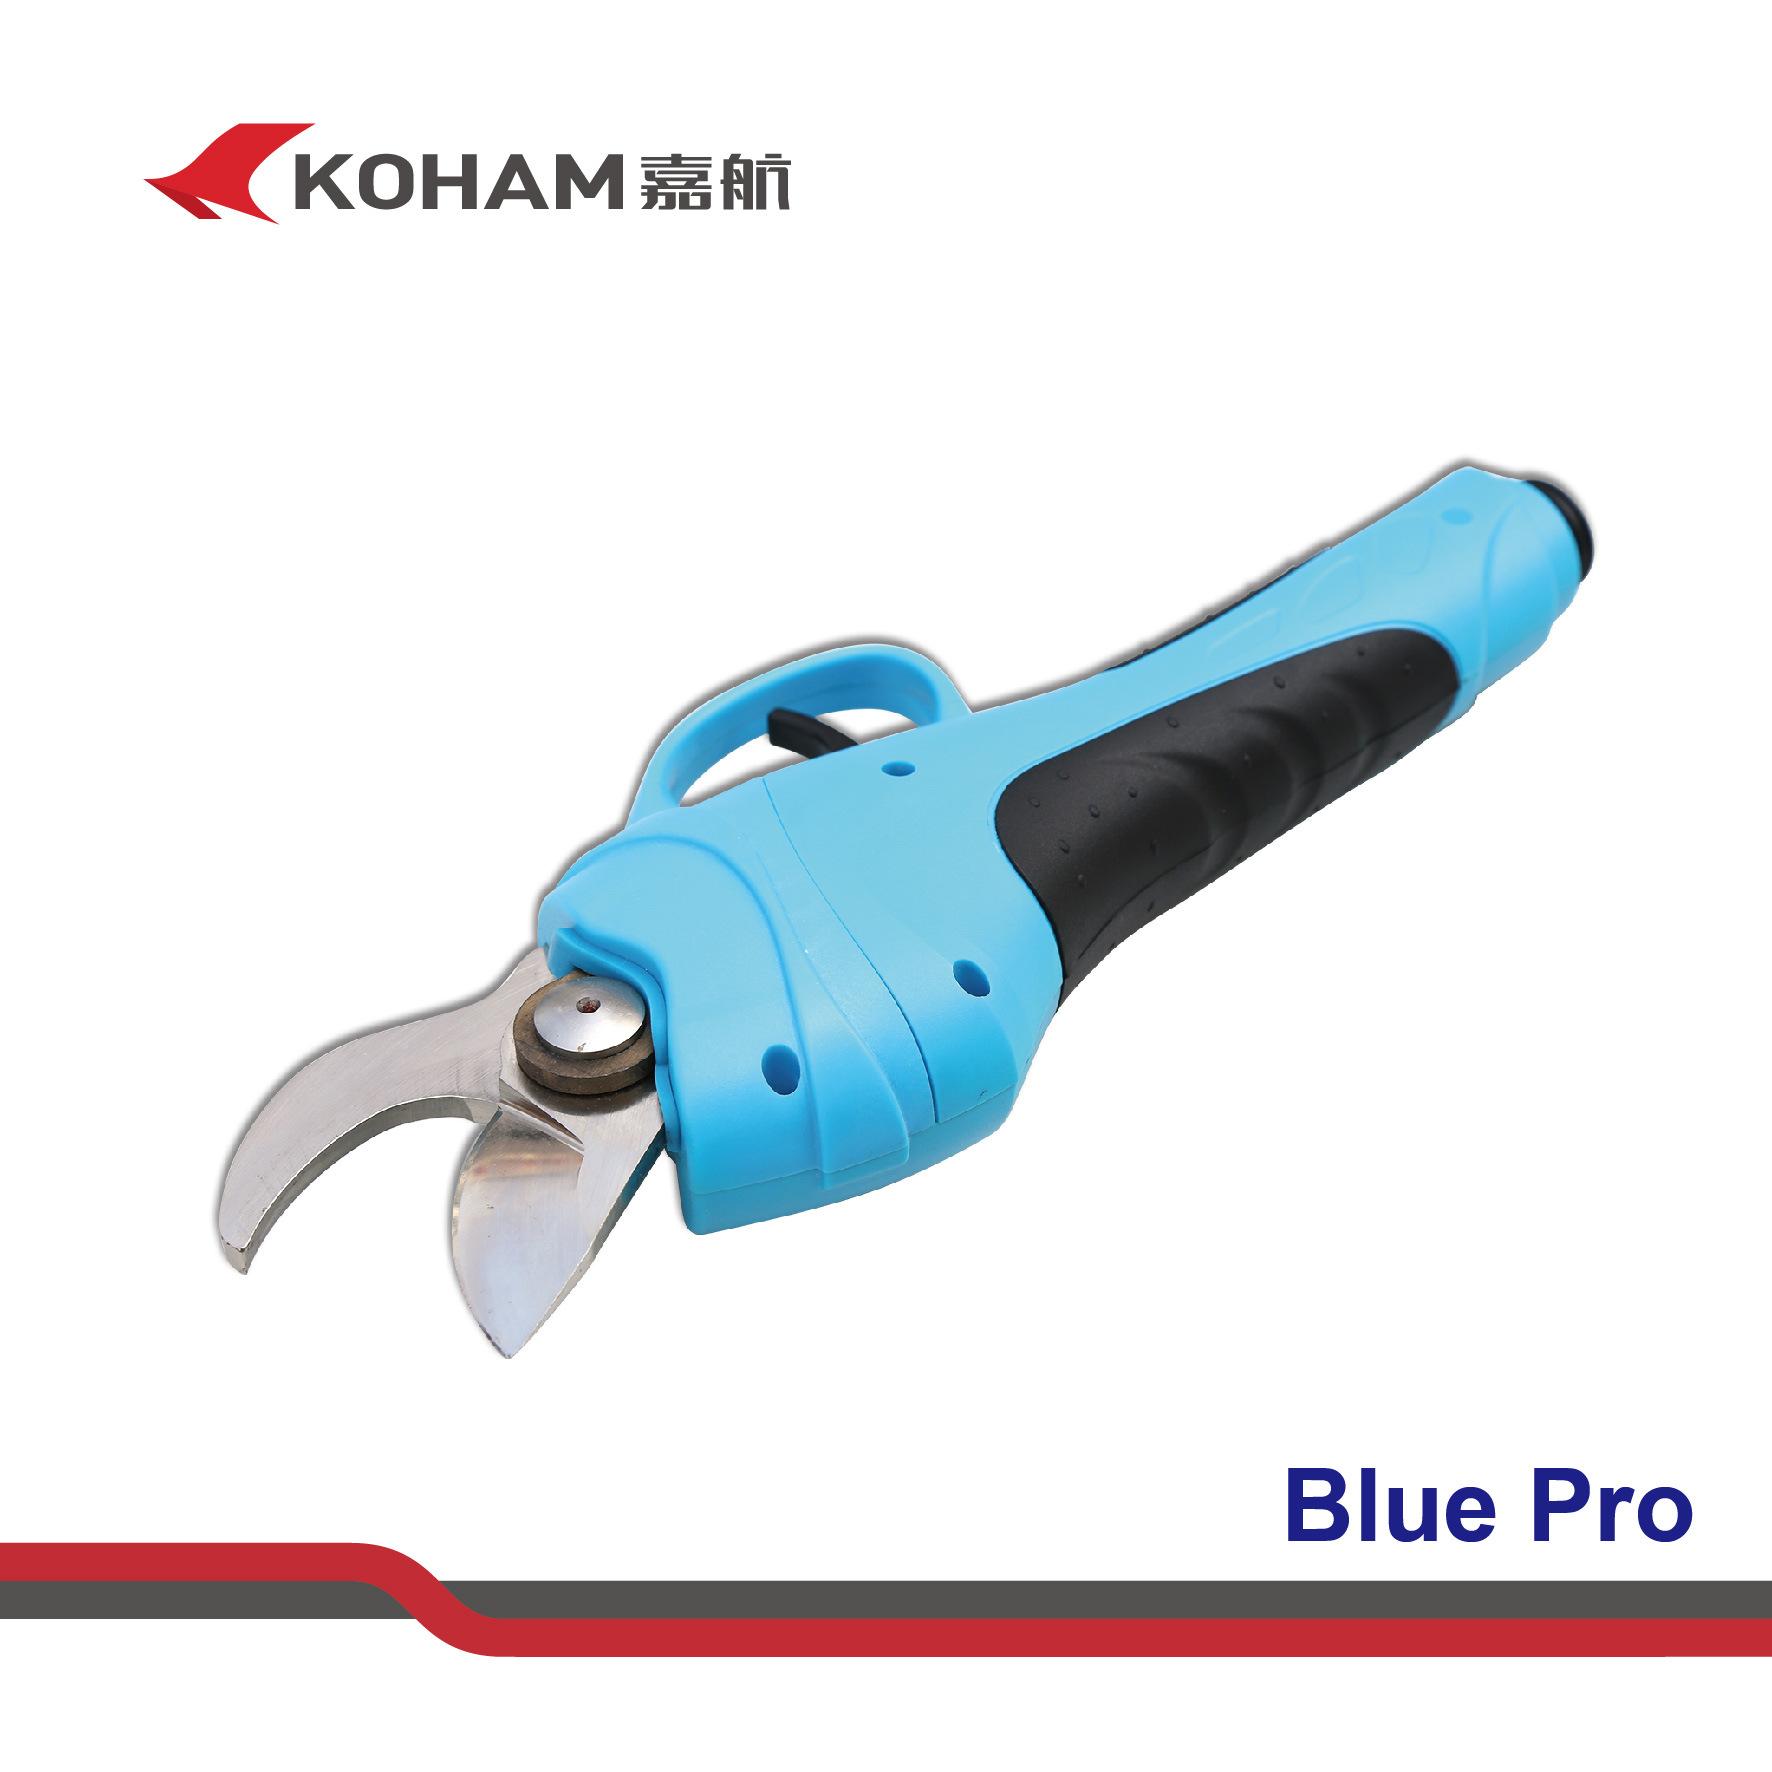 Koham 100kg Shearing Force Farming Usage Electric Pruning Shears